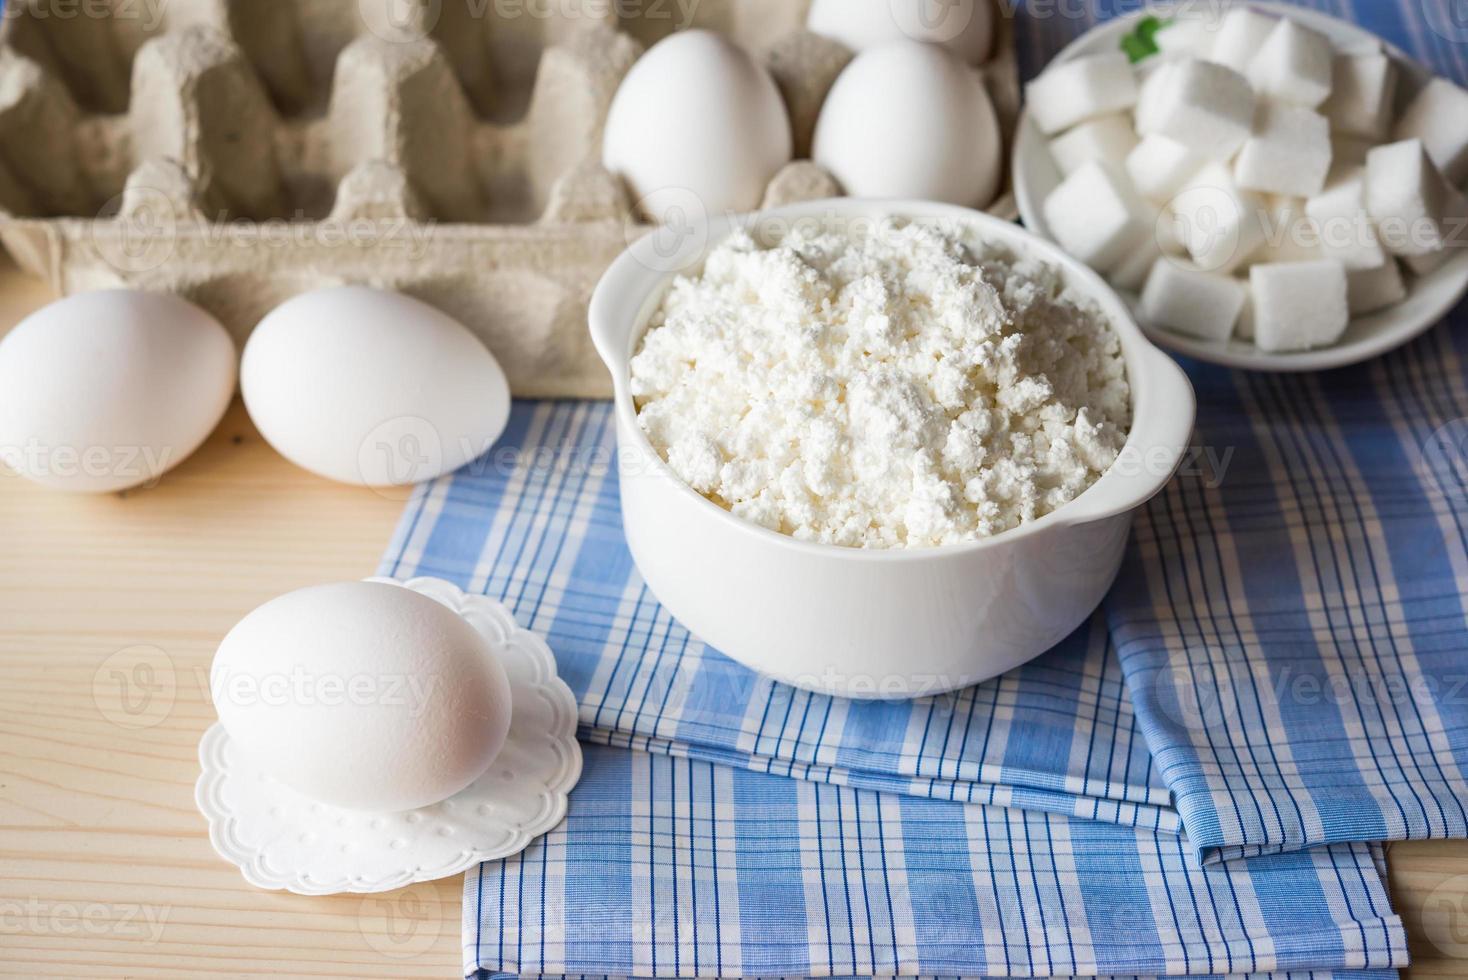 Molkerei. Hüttenkäse und Eier foto